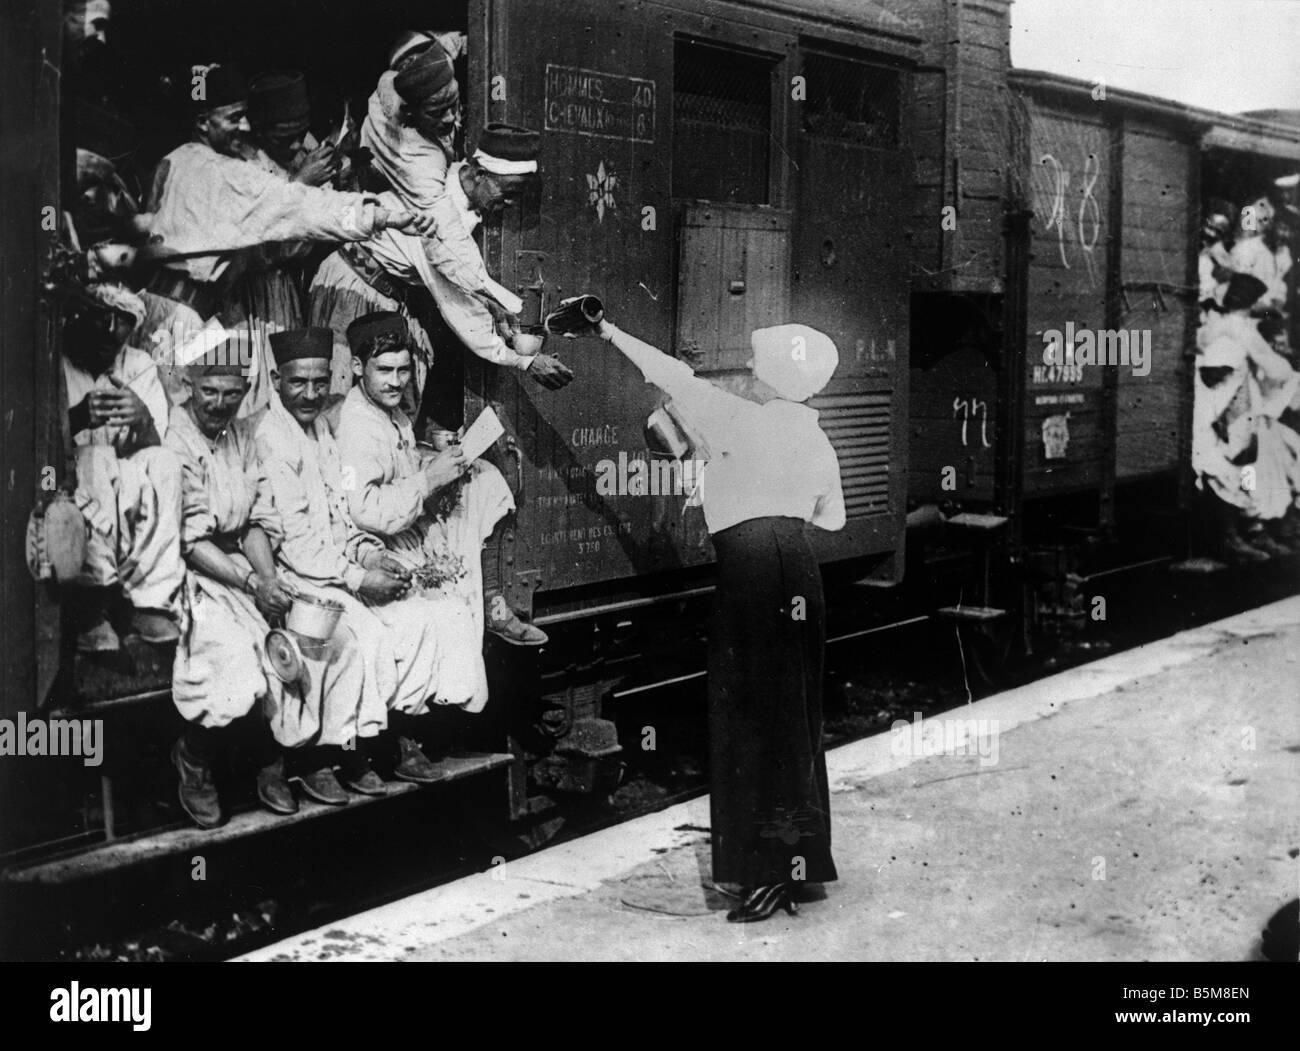 Türken bei Champigny station Foto Geschichte Weltkrieg Frankreich Türken bei Champigny Station vor der Stockbild